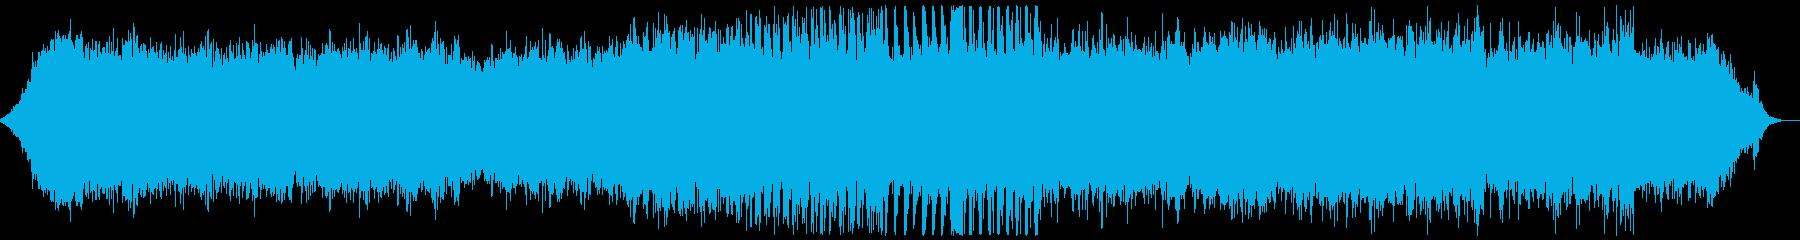 キラキラした音の入ったヒーリング音楽の再生済みの波形